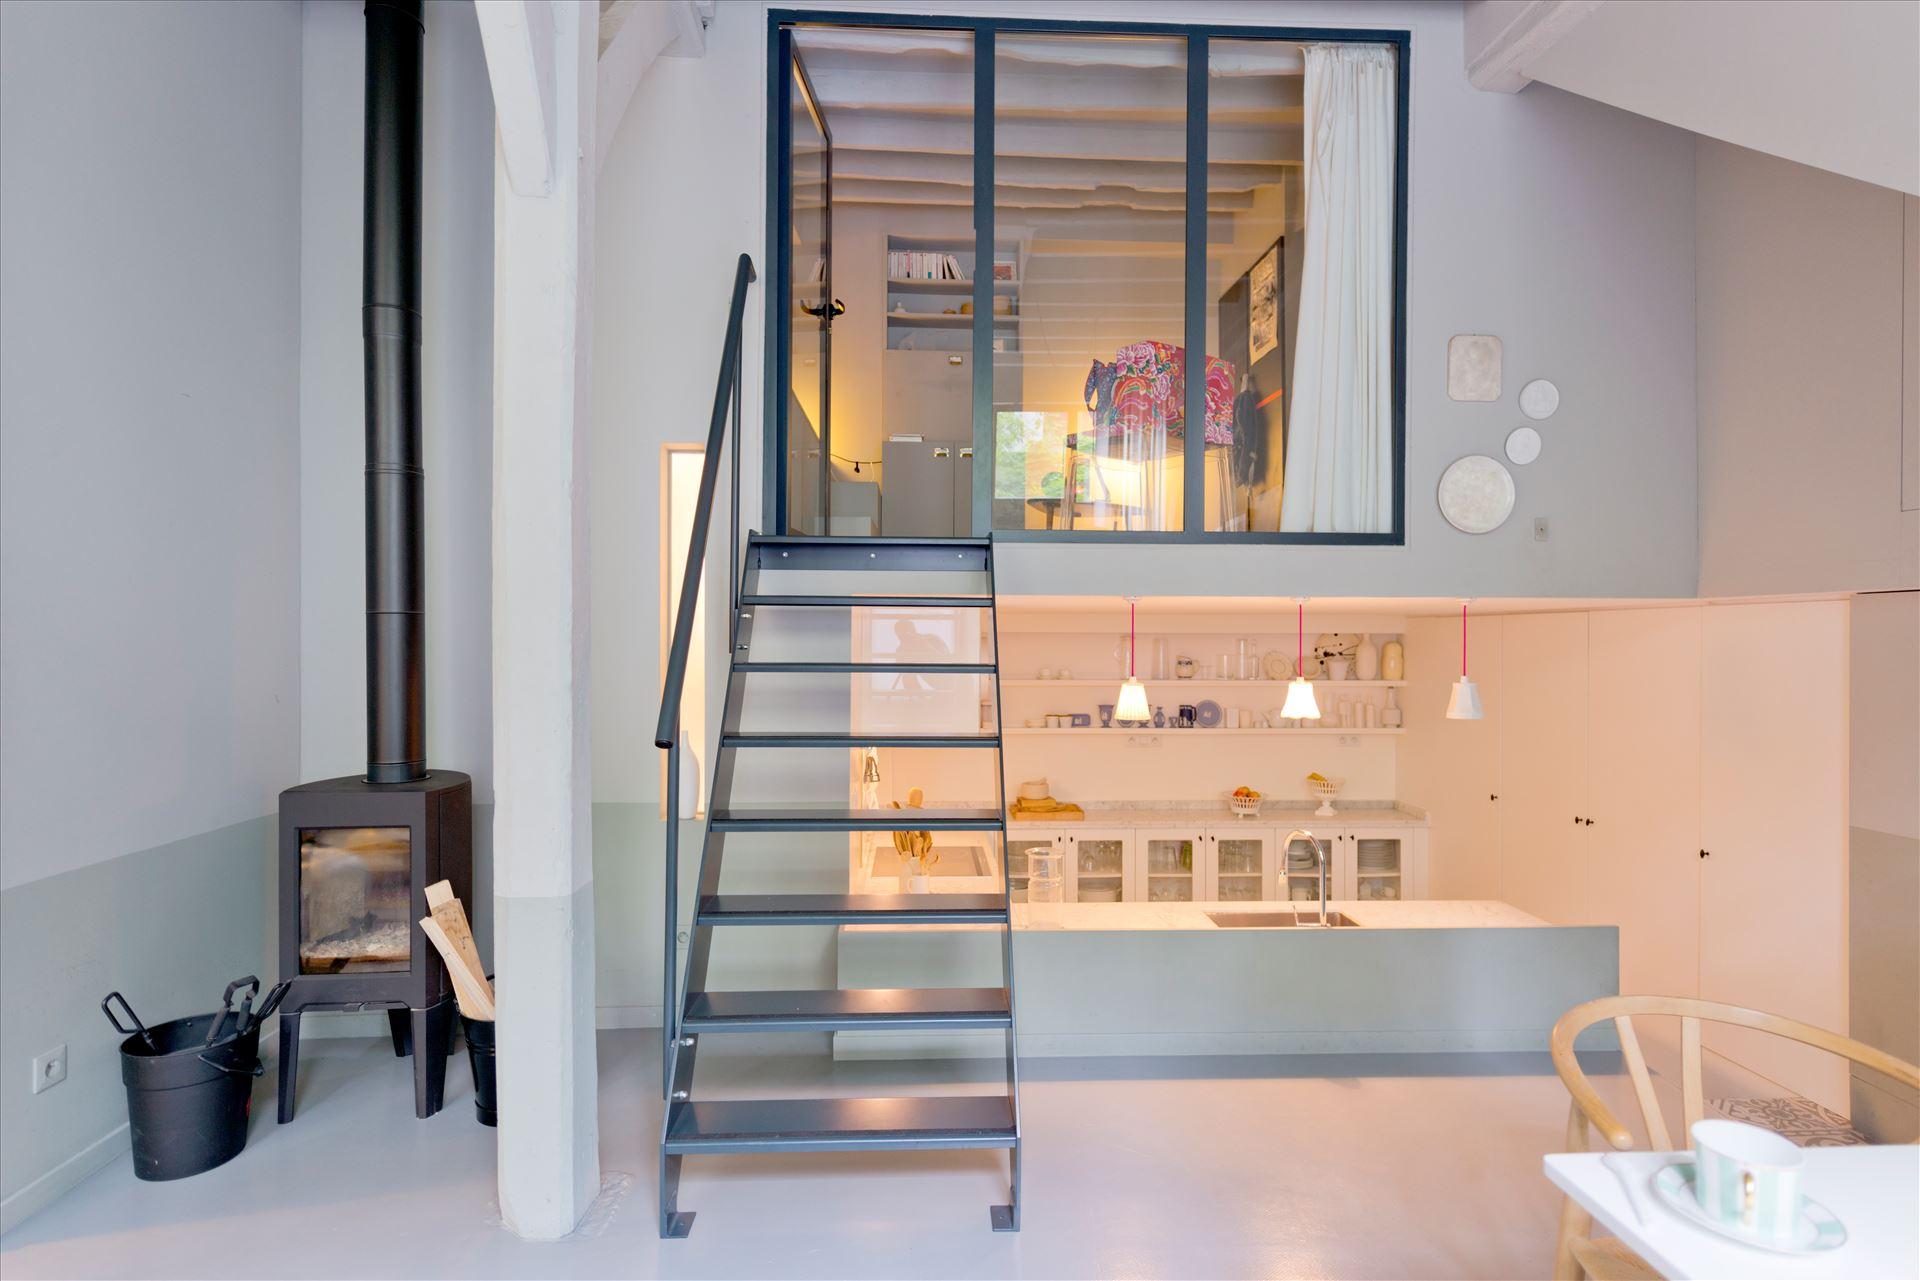 מדרגות ברזל בעיצוב צורך עליה לחדר